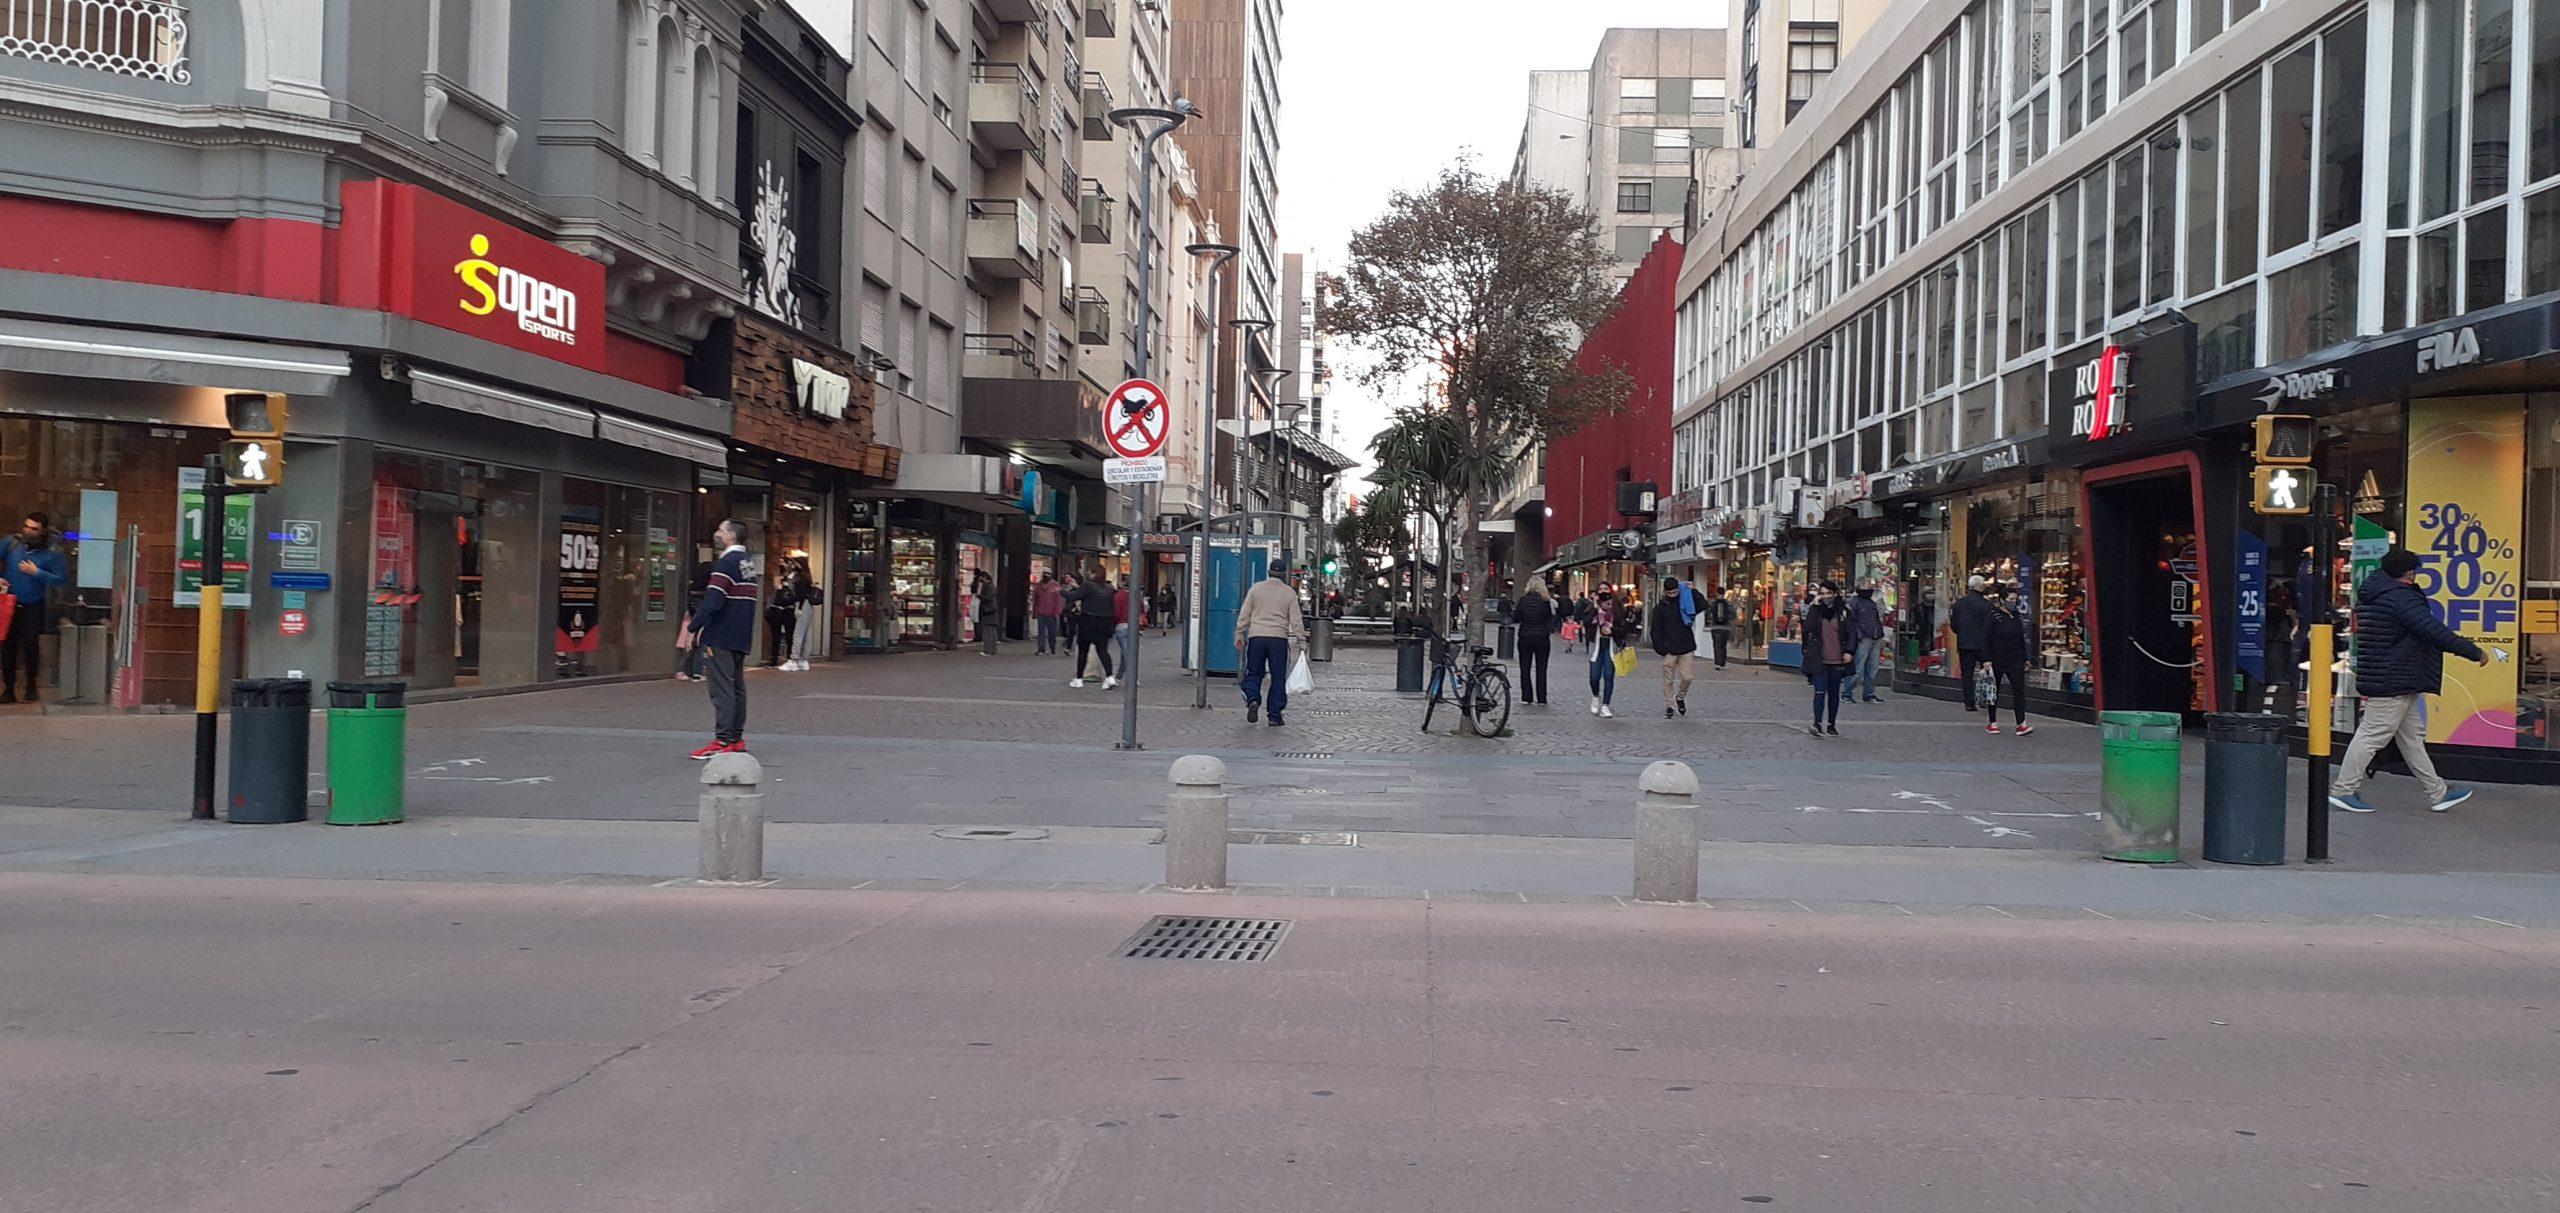 Coronavirus: Mar del Plata alcanza nuevo récord de contagios